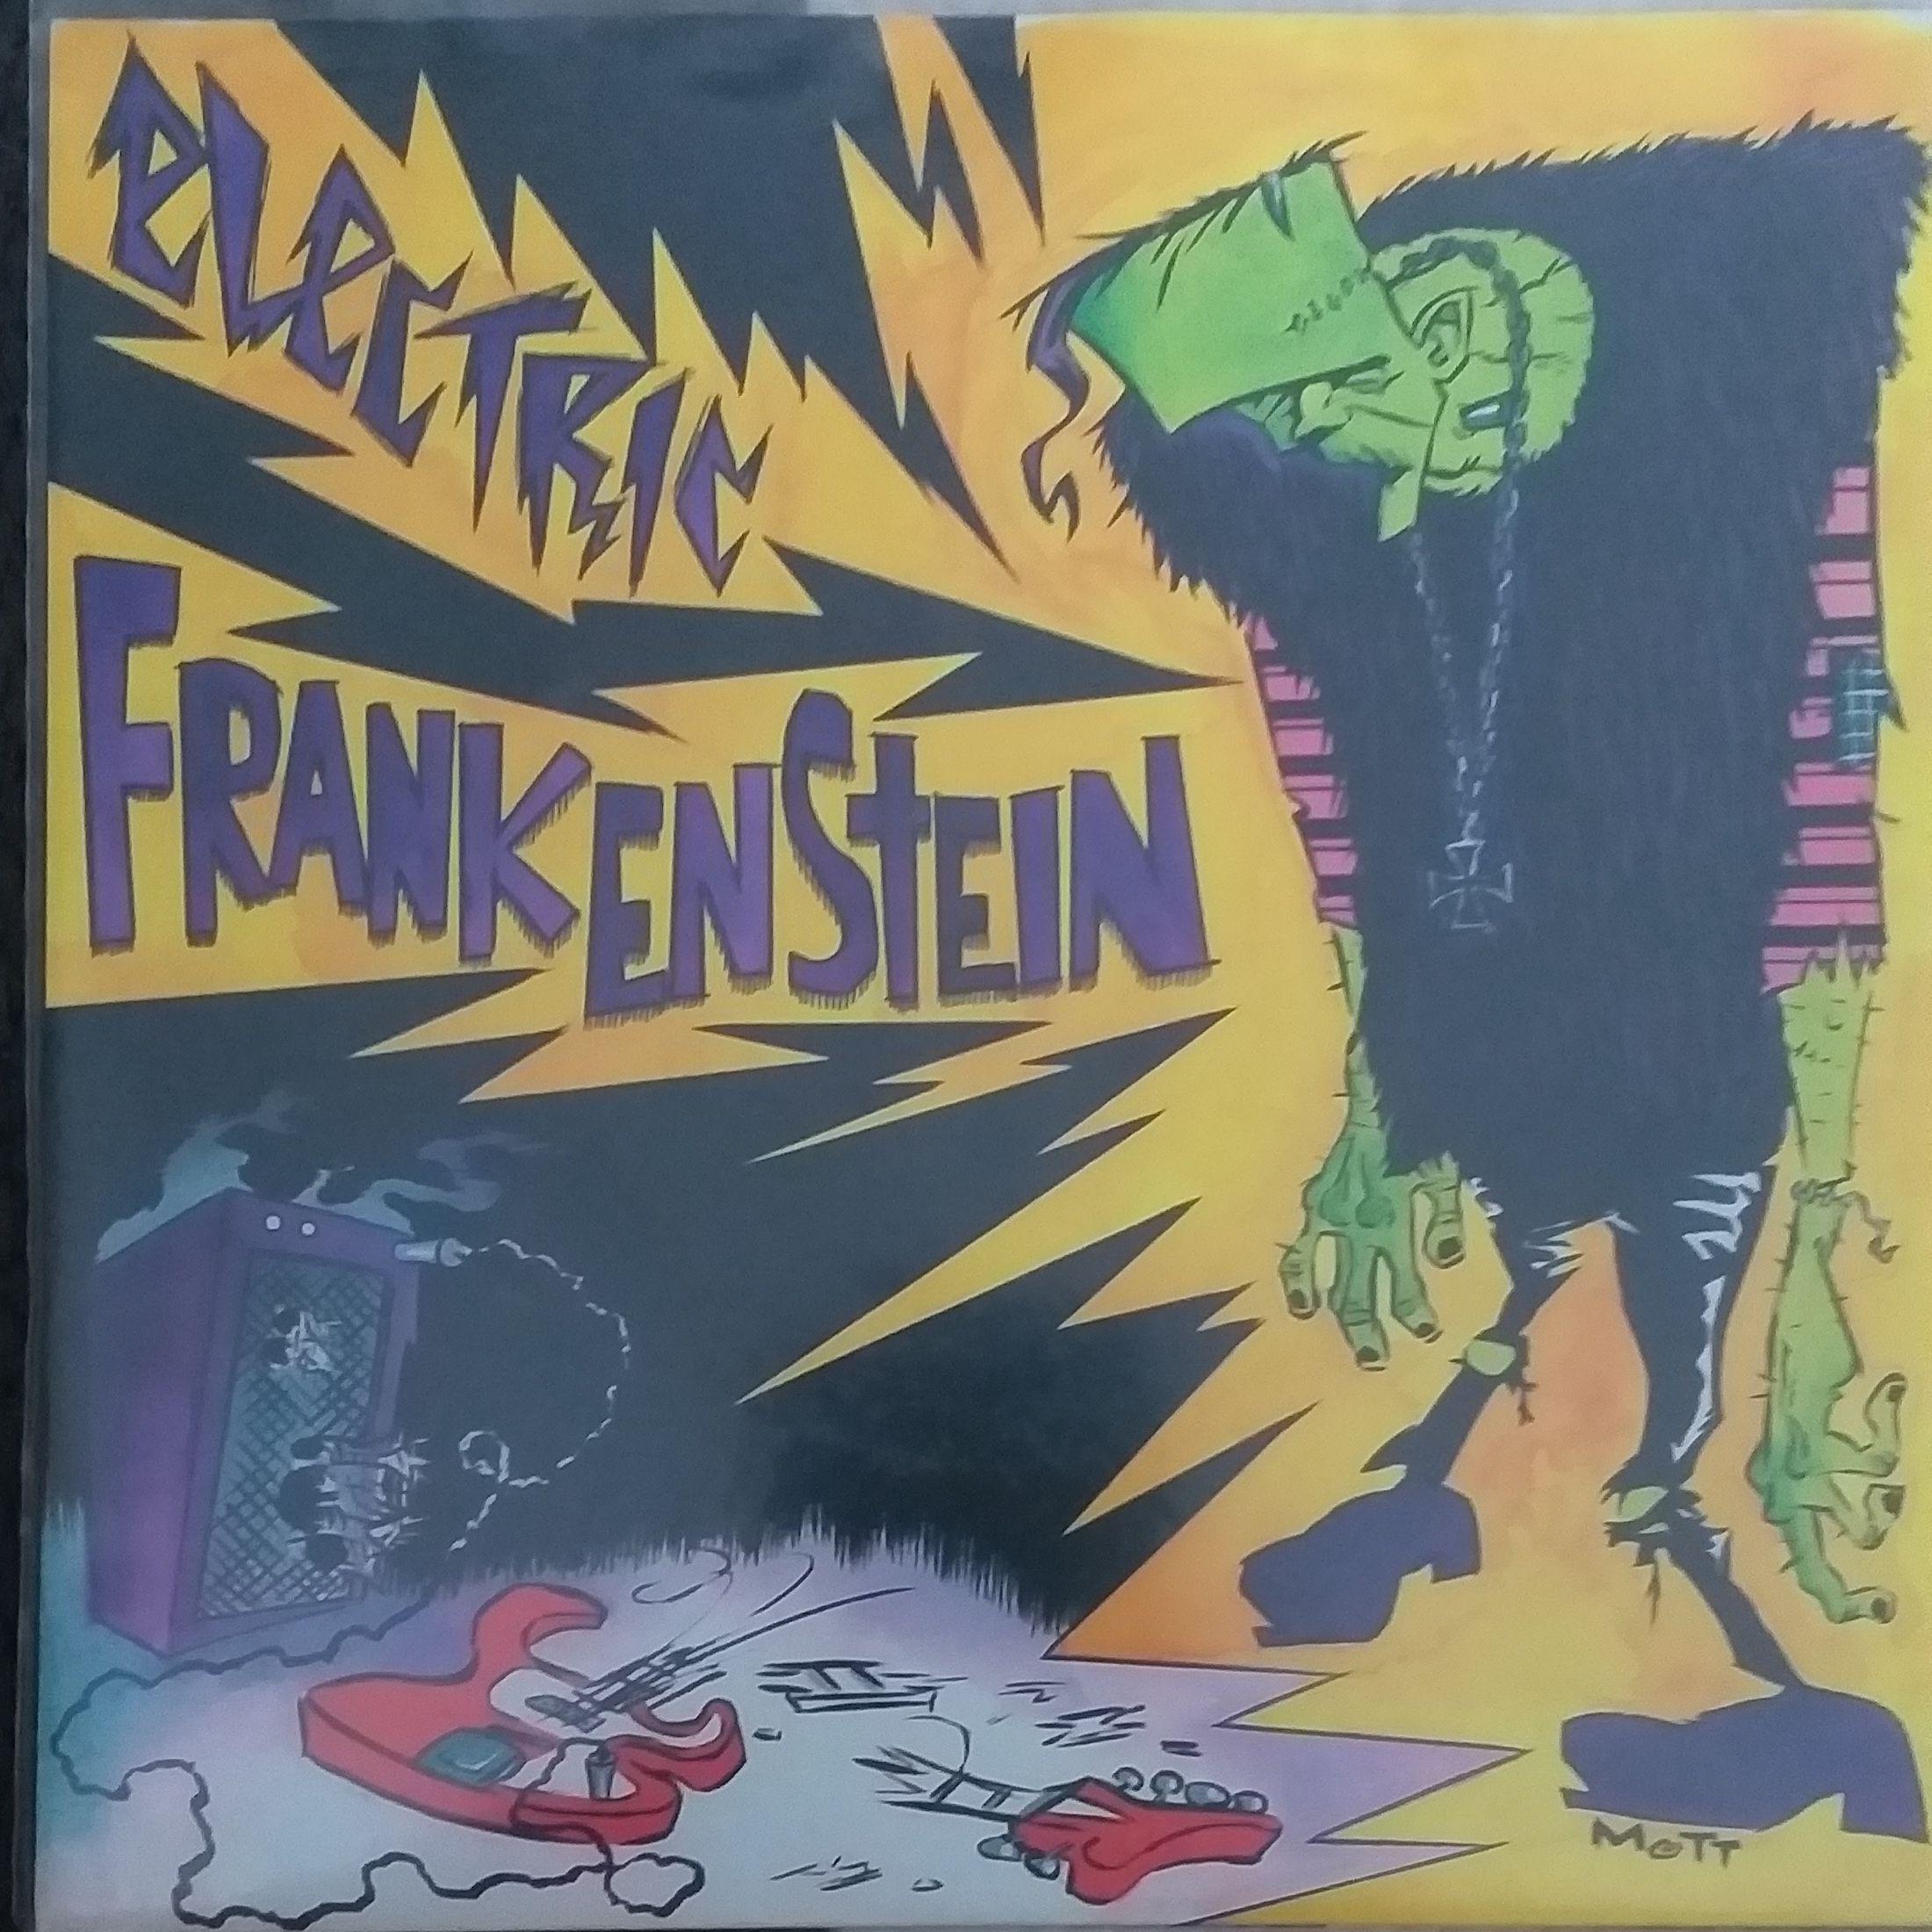 Electric frankenstein Not wit' u LP undefined